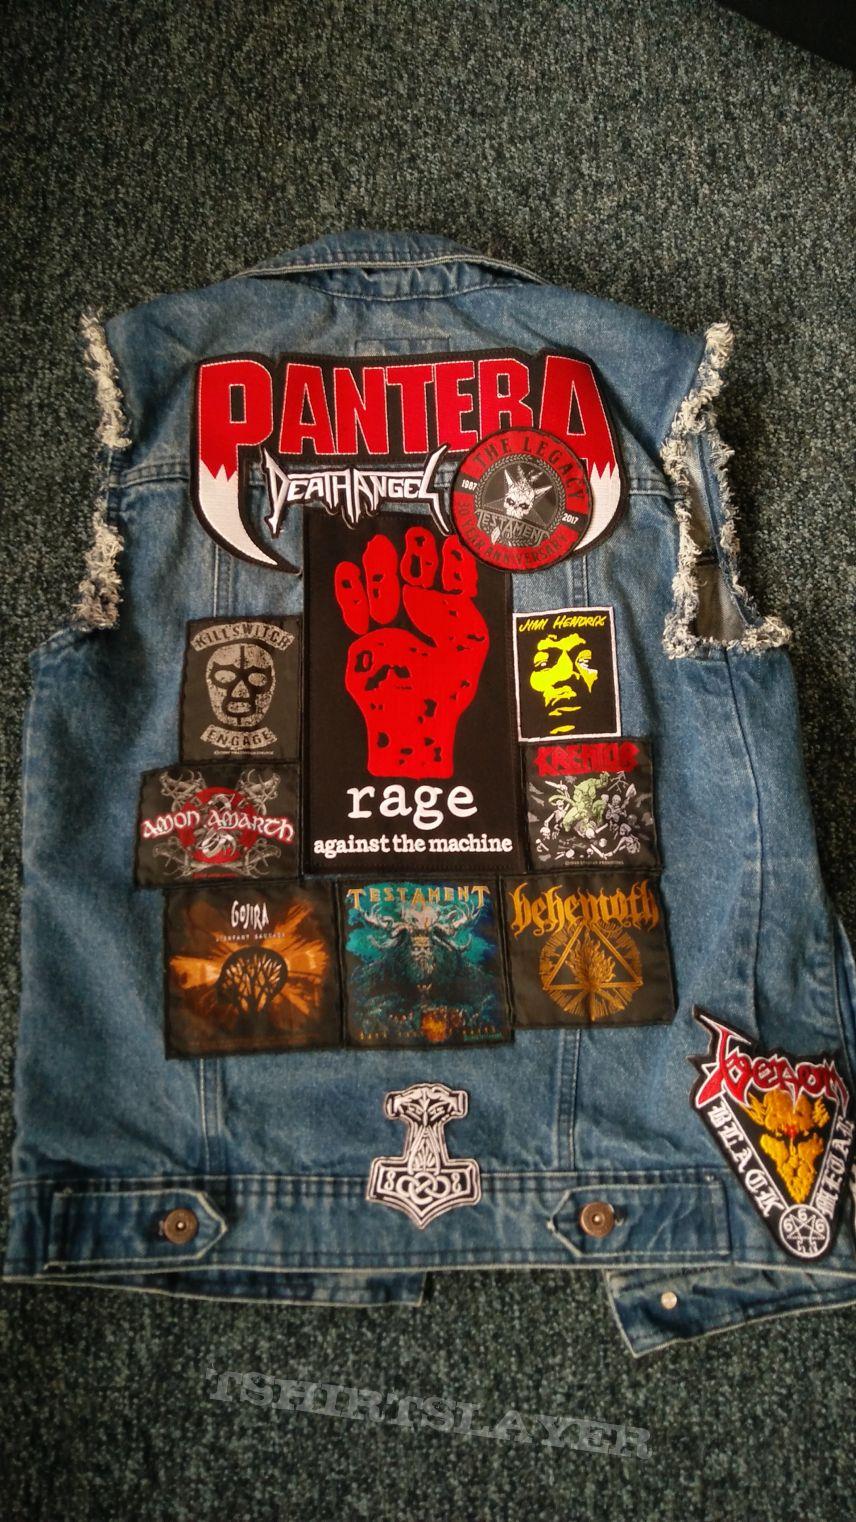 Update on my first battle vest